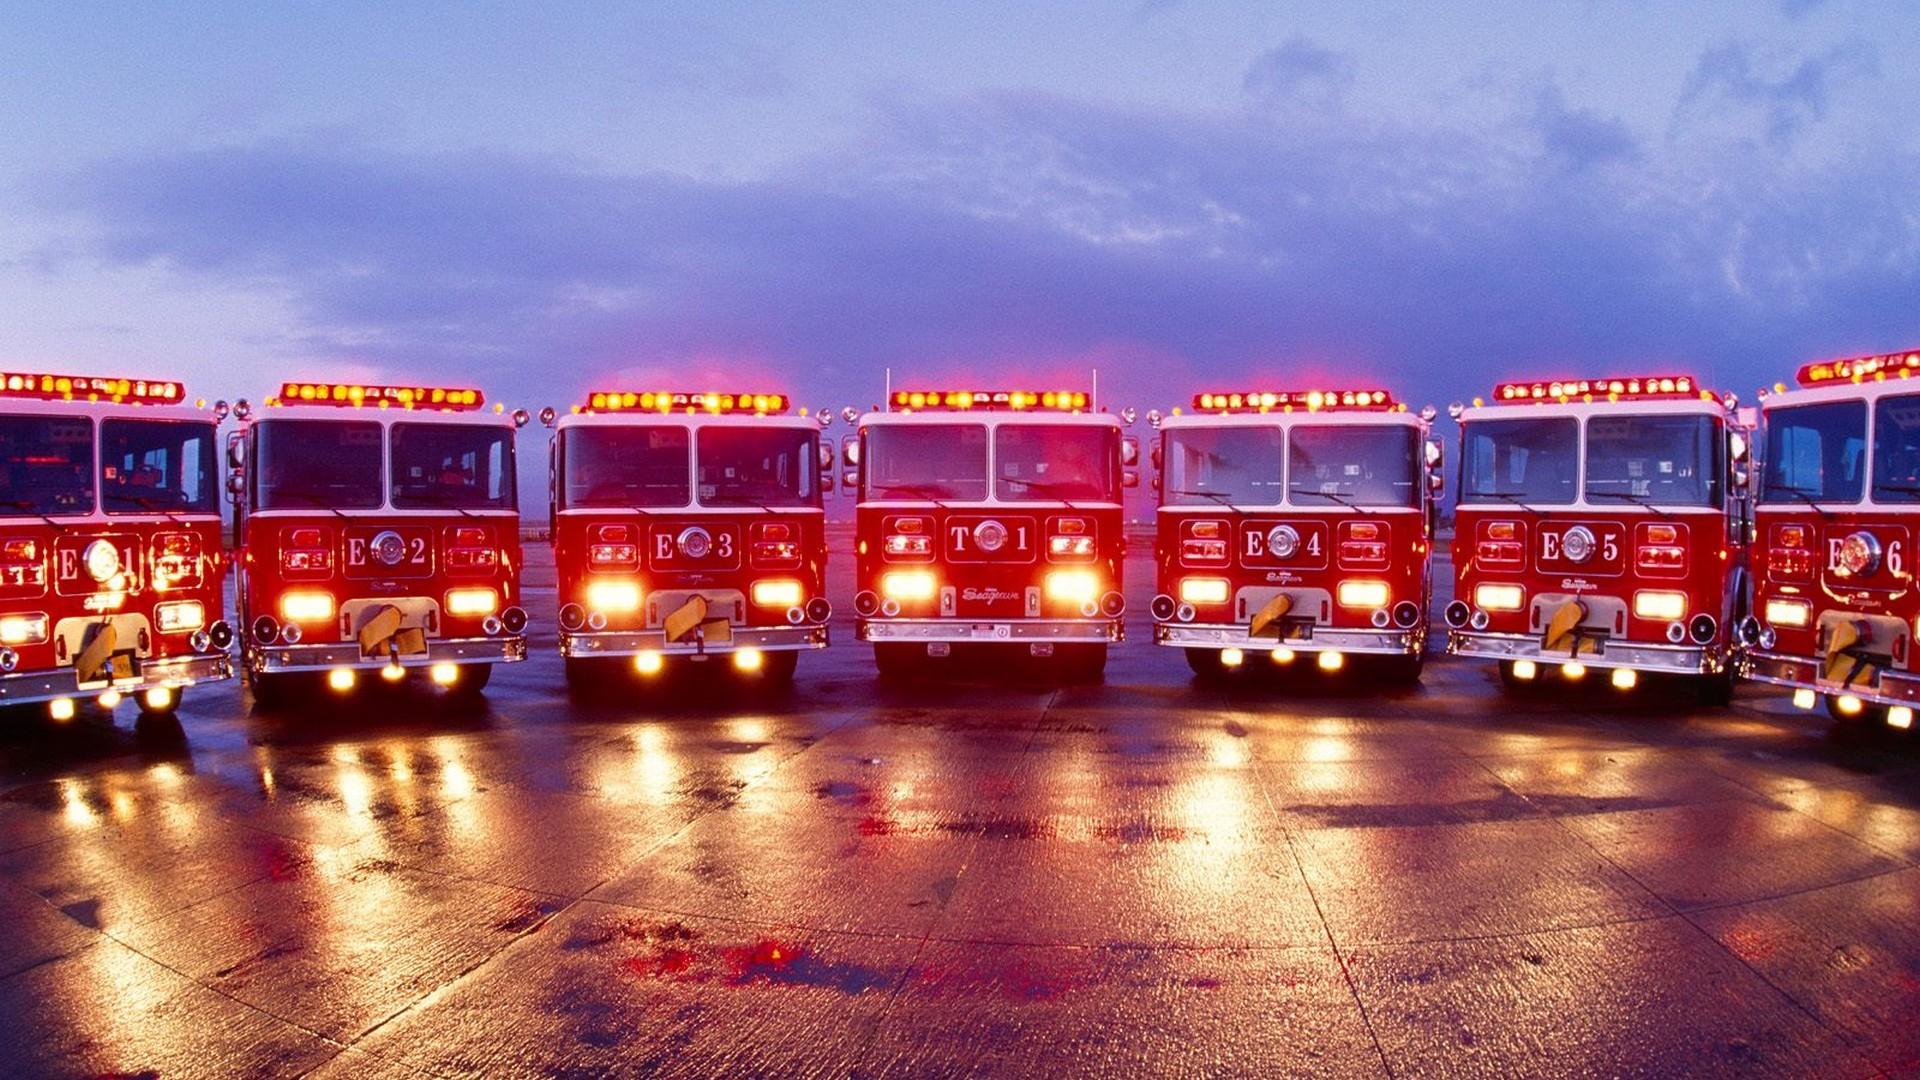 Firefighter Wallpaper 1920x1080 Firefighter 1920x1080